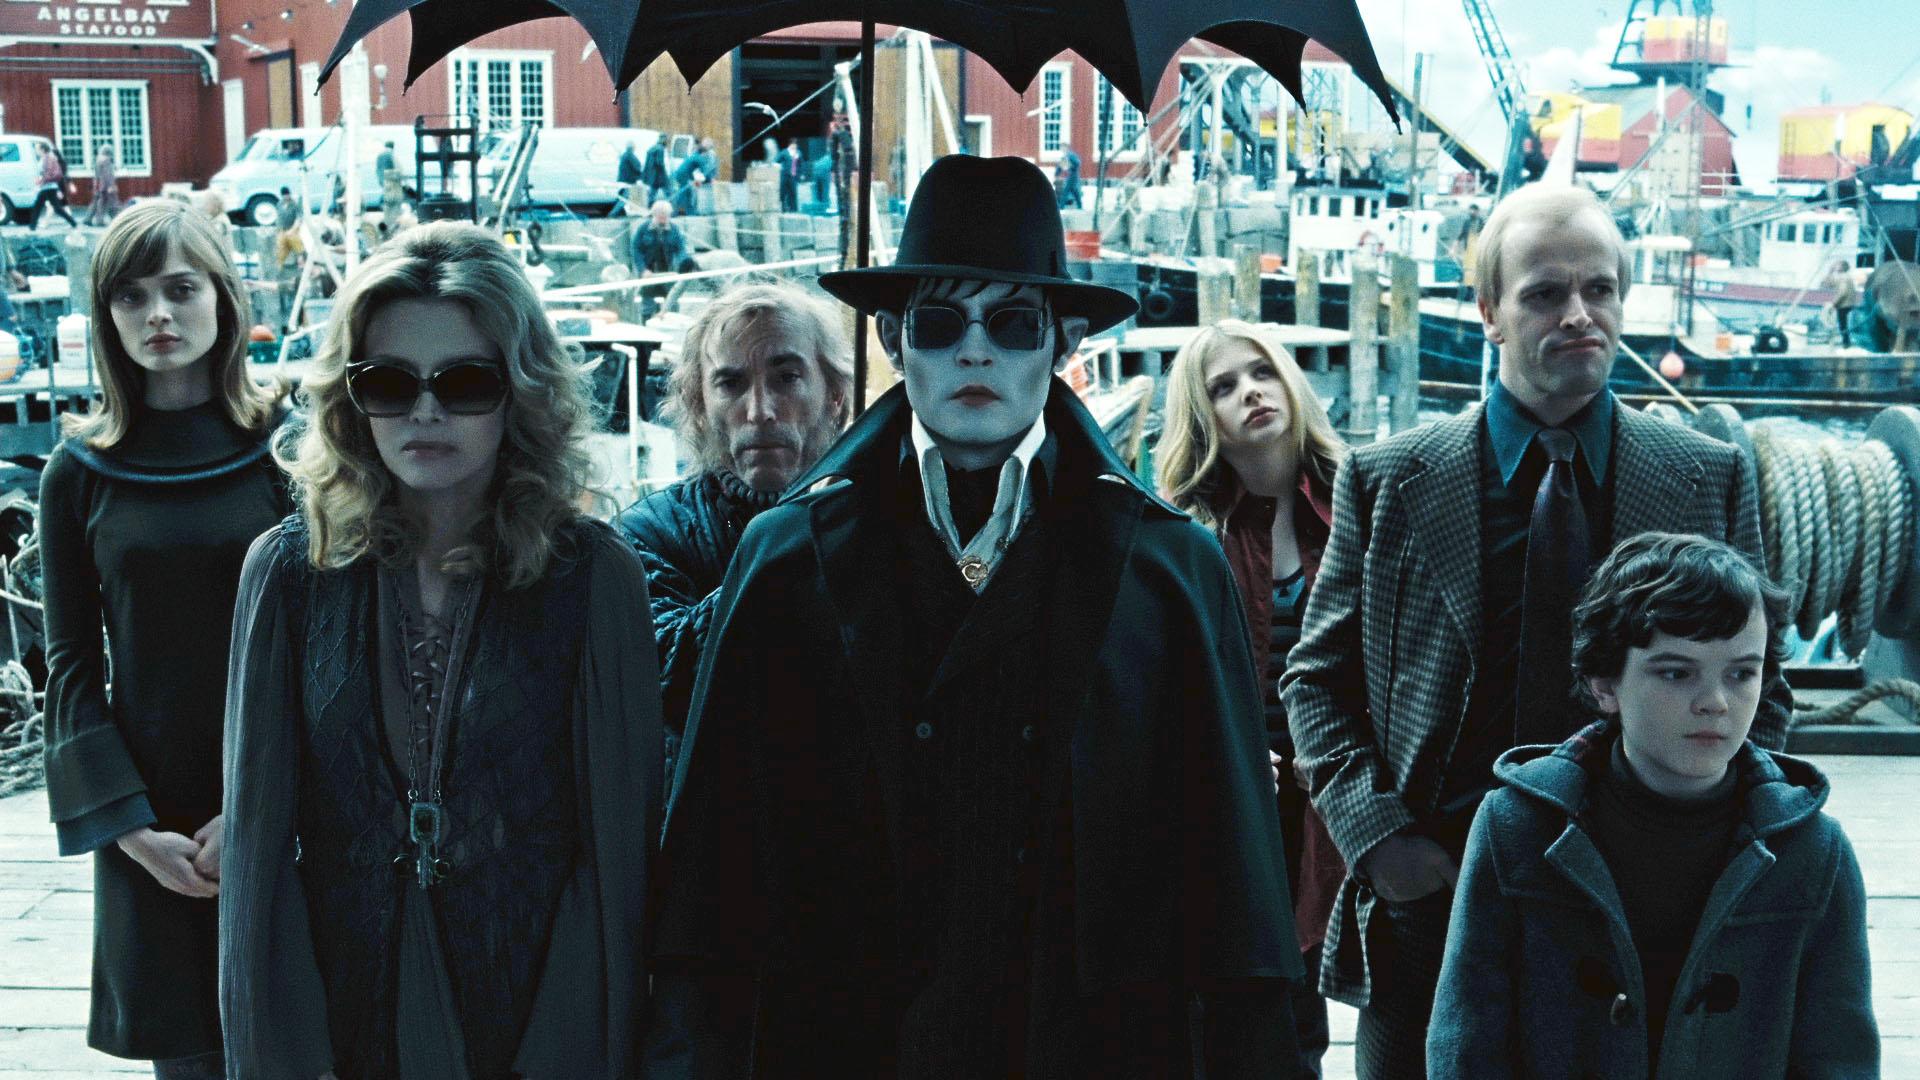 Kritik: Dark Shadows (USA 2012) Unsterblichkeit: Segen oder Fluch?